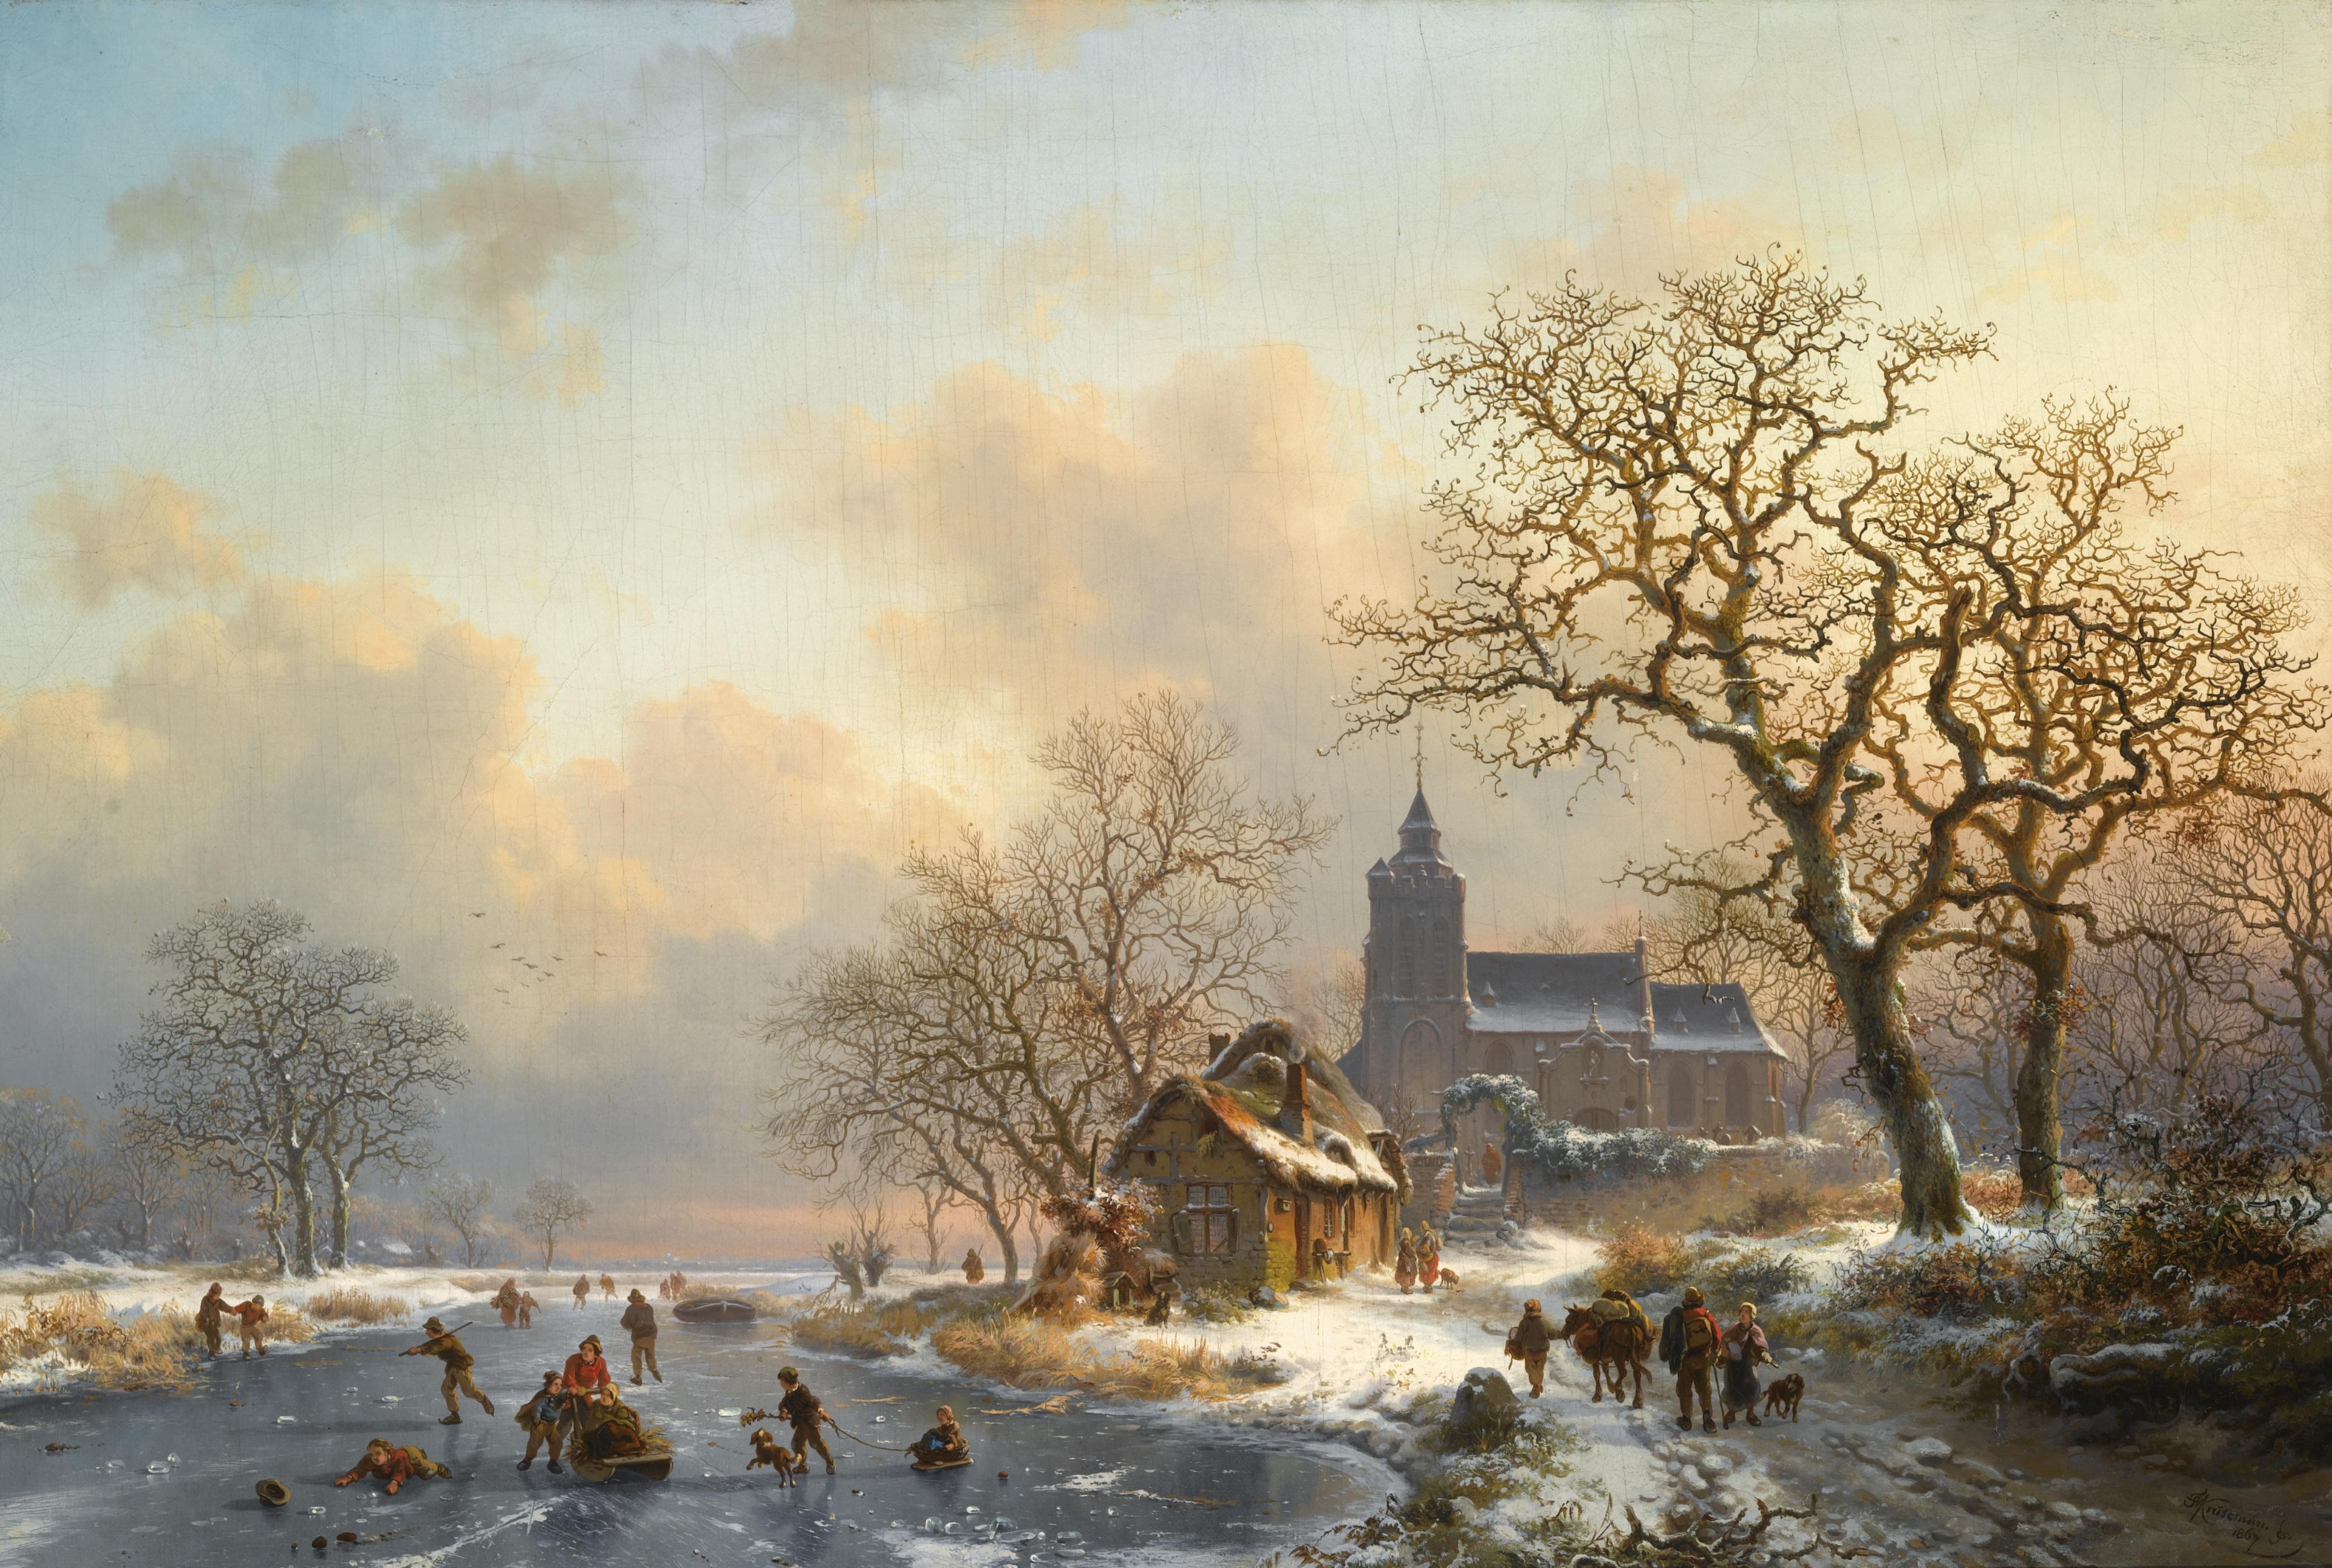 каток речка мельницы зима люди катание  № 1796500 загрузить